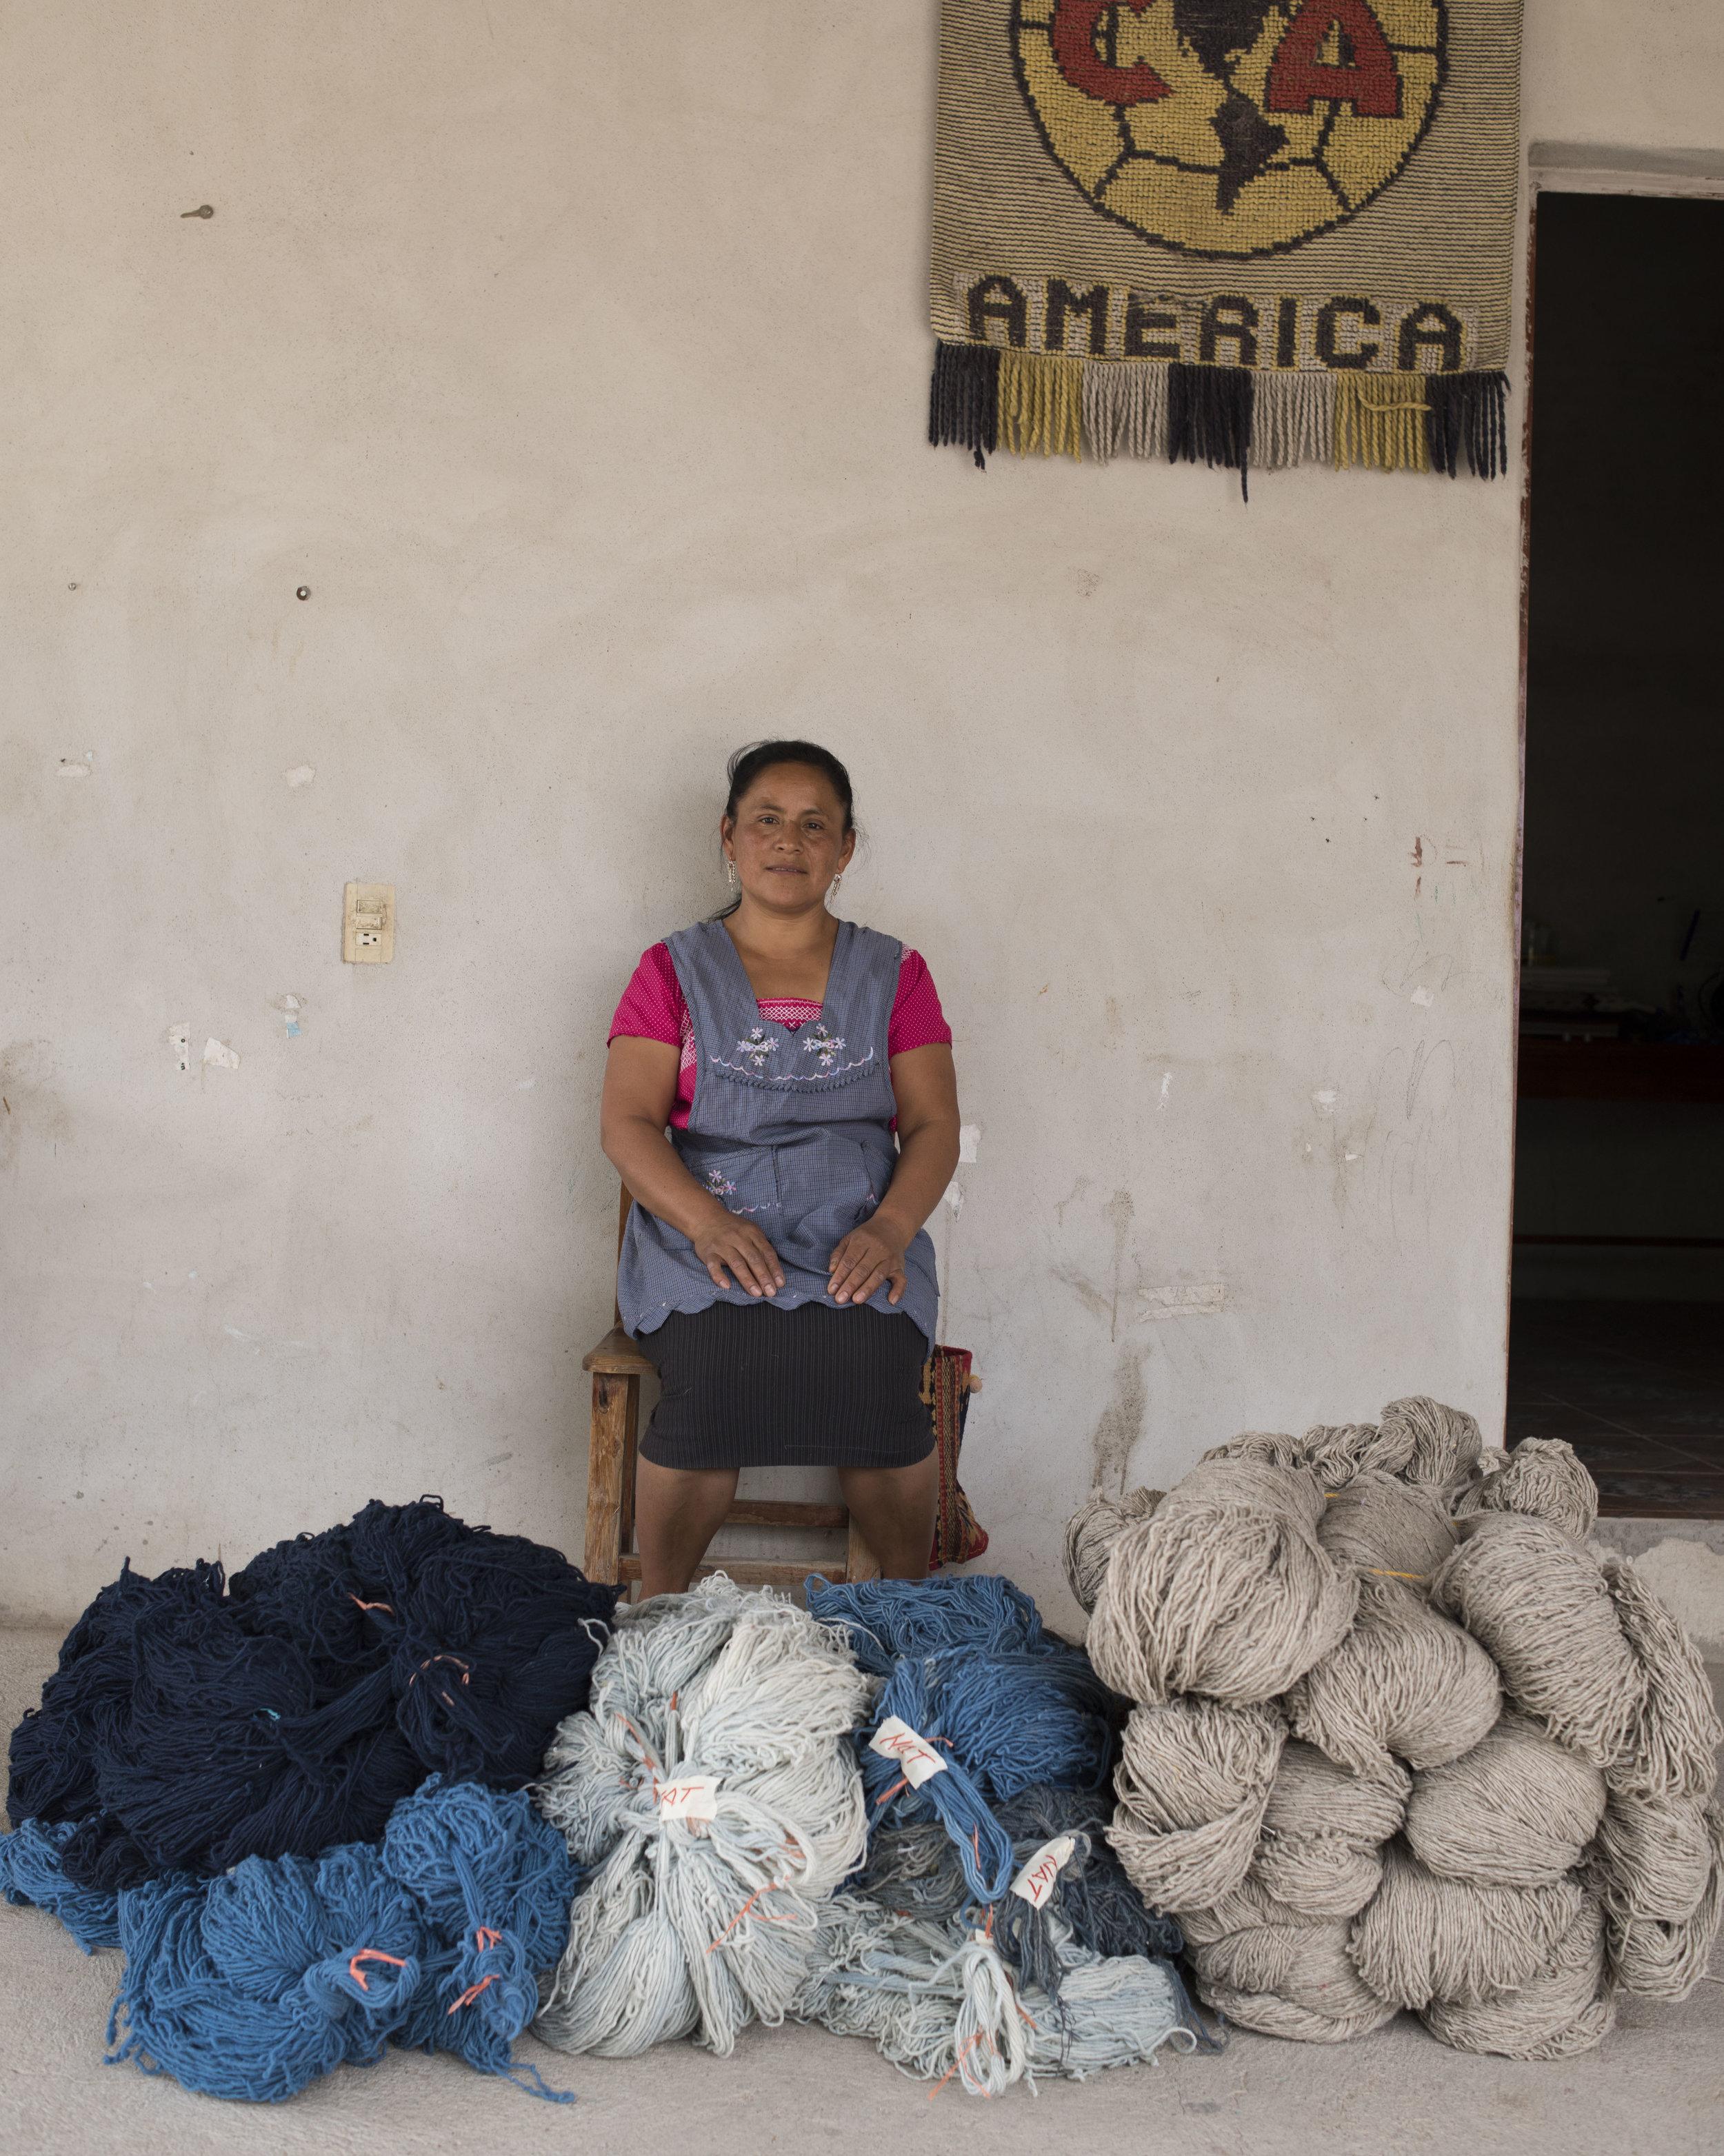 Delfina Ruiz Bazan, Teotitlan, Oax.